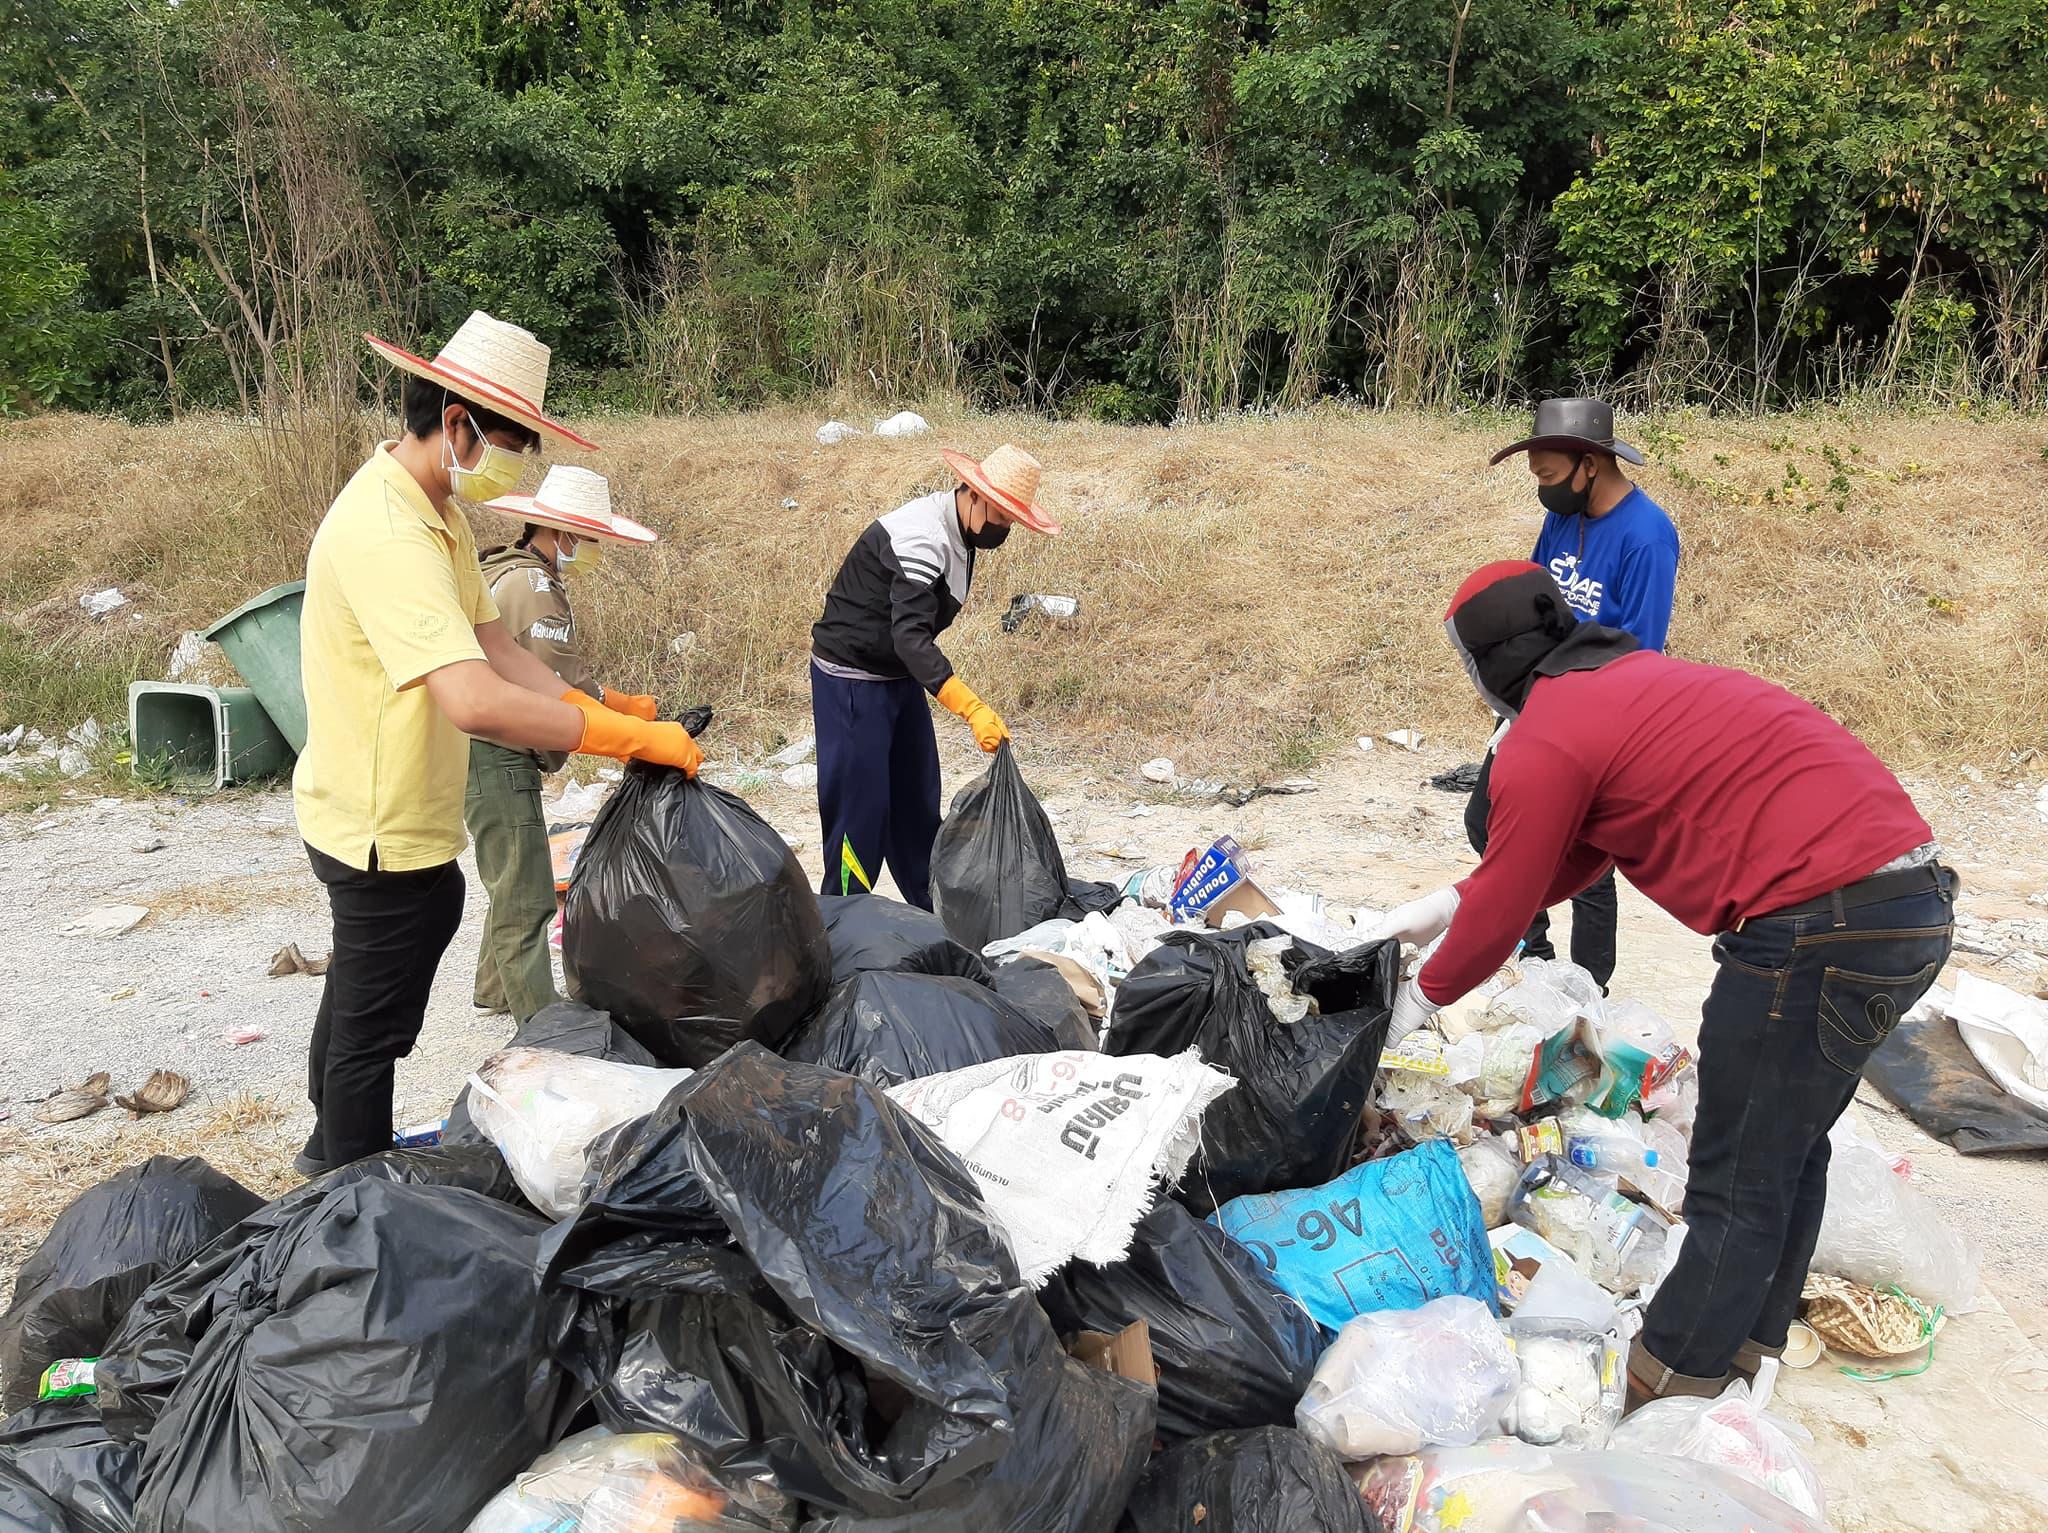 การส่งเสริมการมีส่วนร่วมของชุมชนในการคัดแยกขยะมูลฝอยที่ต้นทางของเทศบาลตำบลบางประมุง อำเภอโกรกพระ จังหวัดนครสวรรค์ (การคัดแยกขยะ ครั้งที่1)